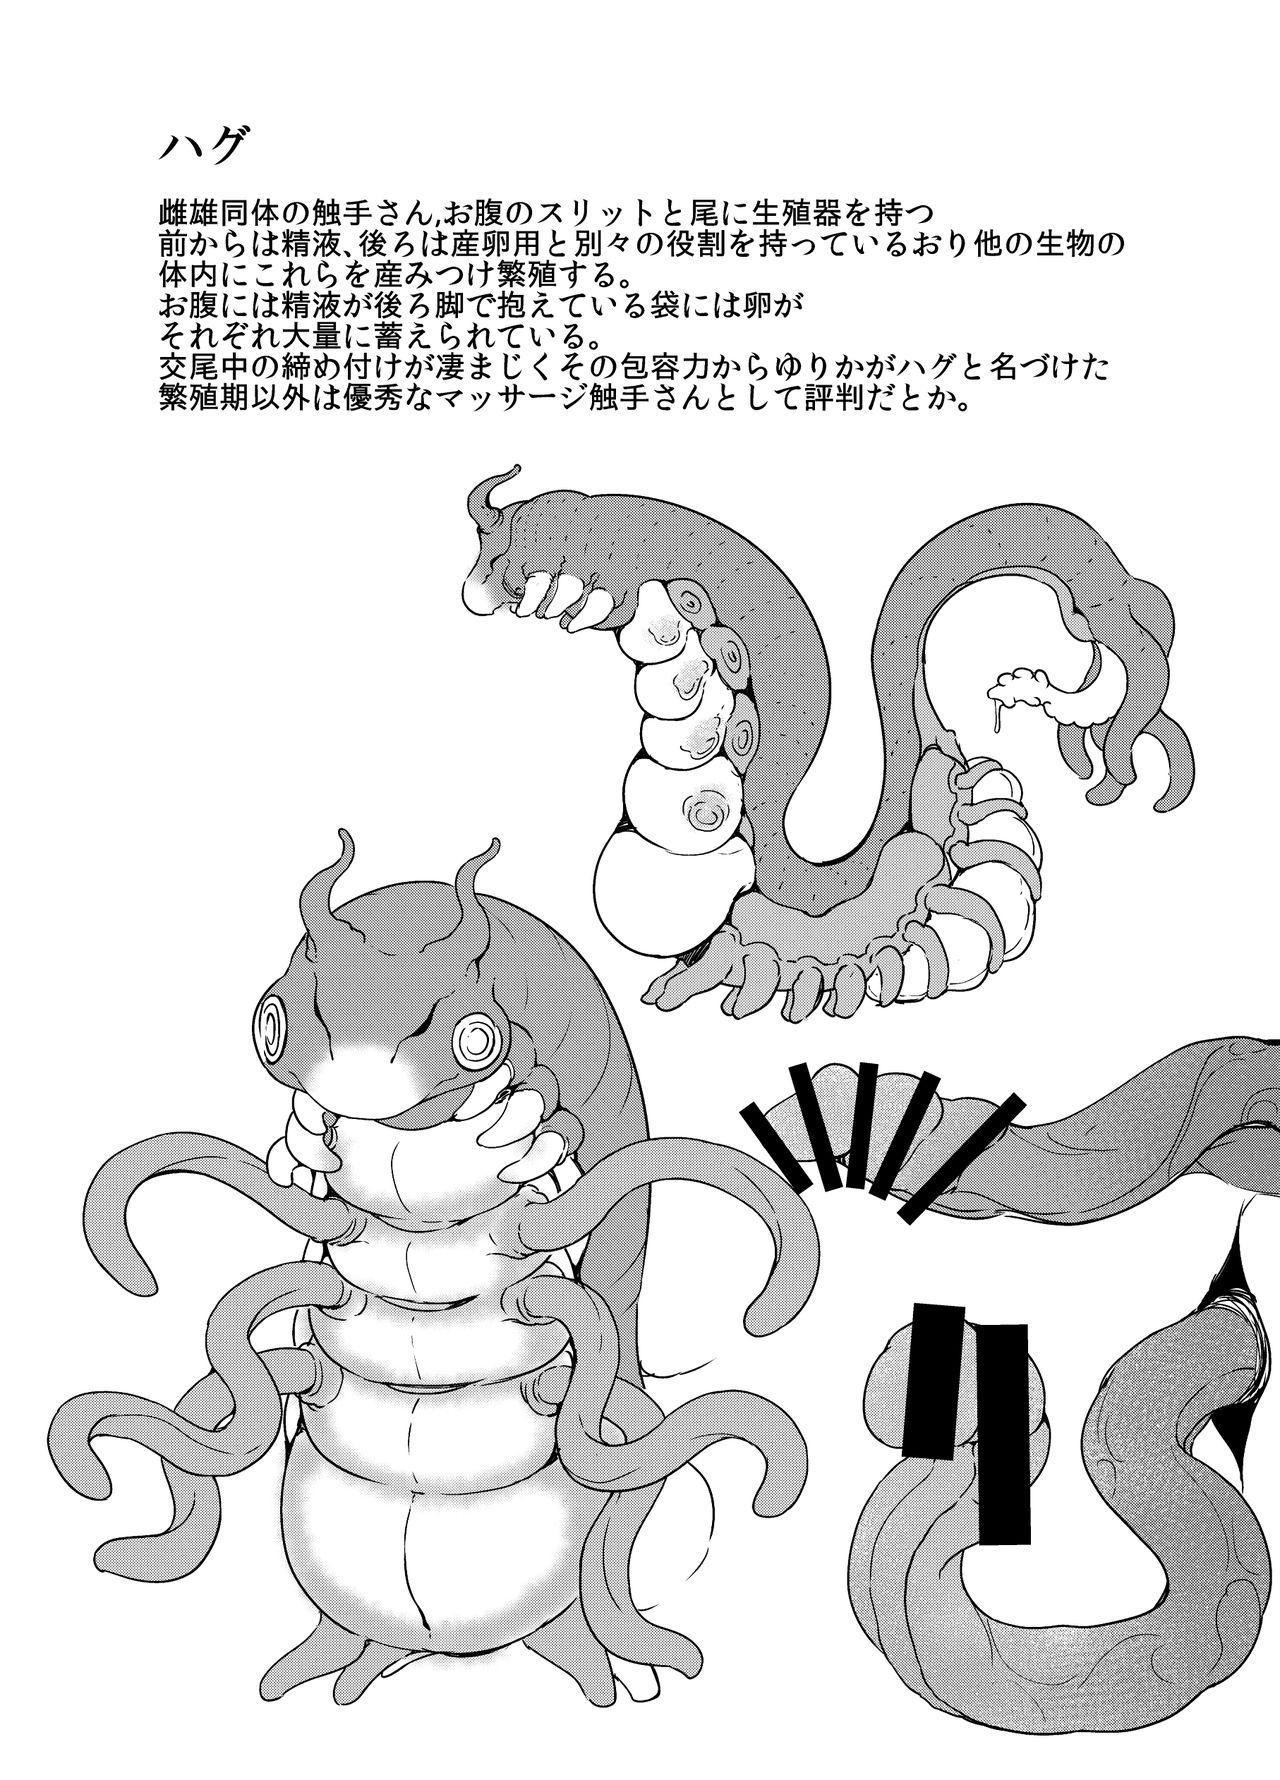 Anata no Machi no Shokushuyasan 3.5 13